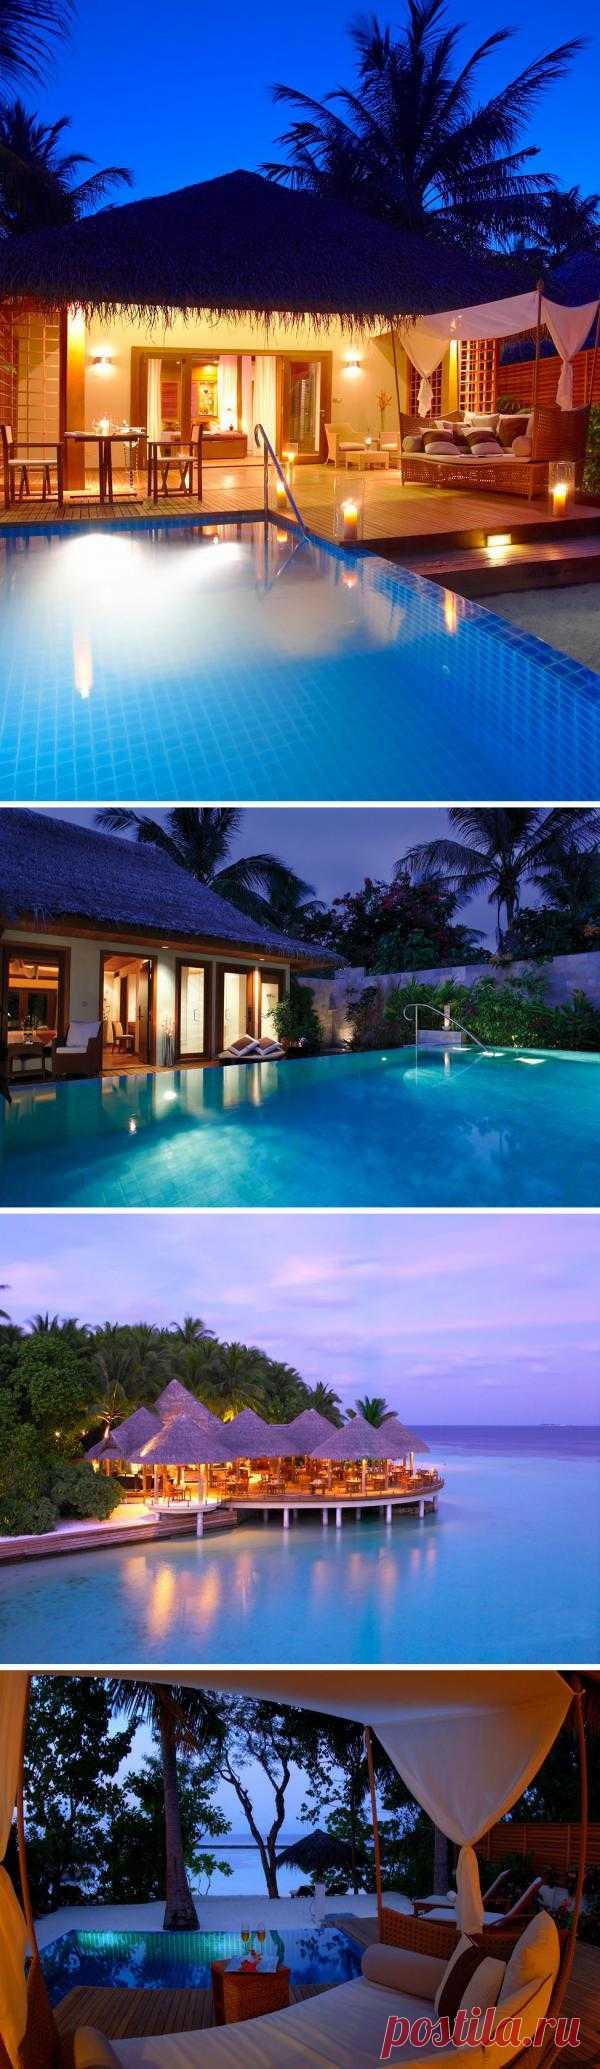 Baros – изысканный отель на Мальдивах, привлекающий безупречной элегантностью. Комфортабельные номера, кухня высочайшего качества, спа-салон мирового уровня, а главное – девственная тропическая природа.